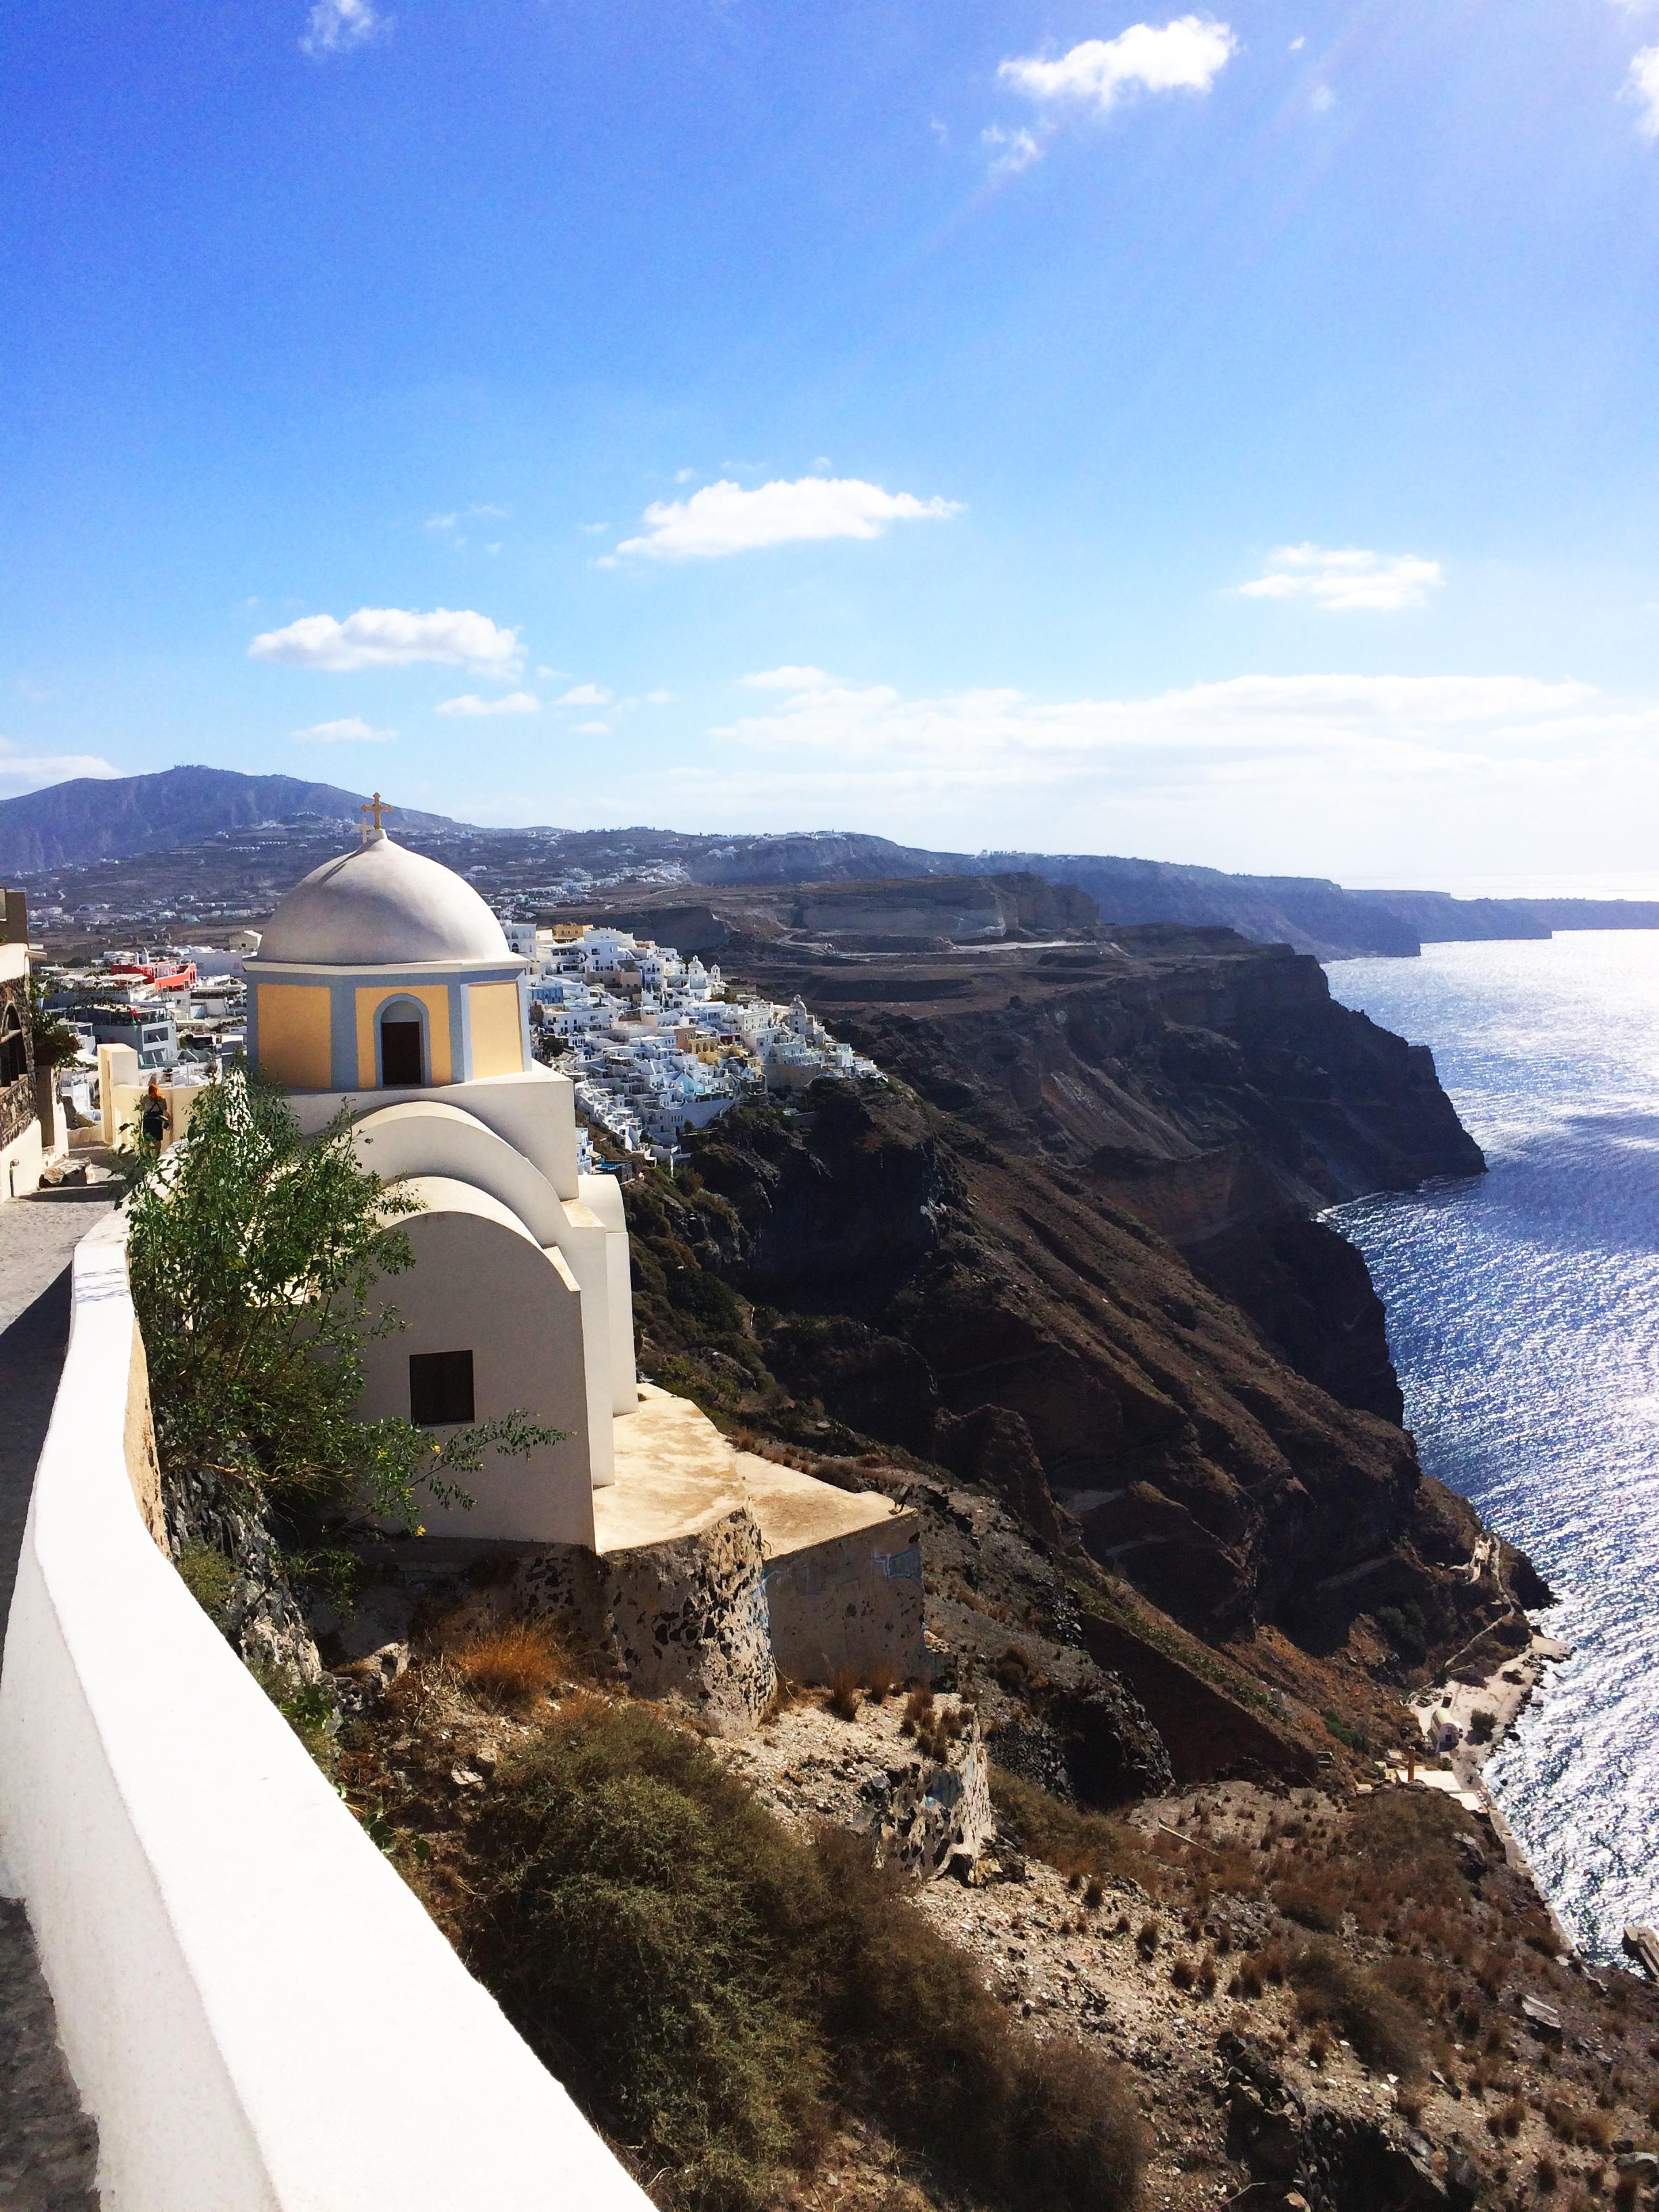 chiesa Santorini Grecia 1